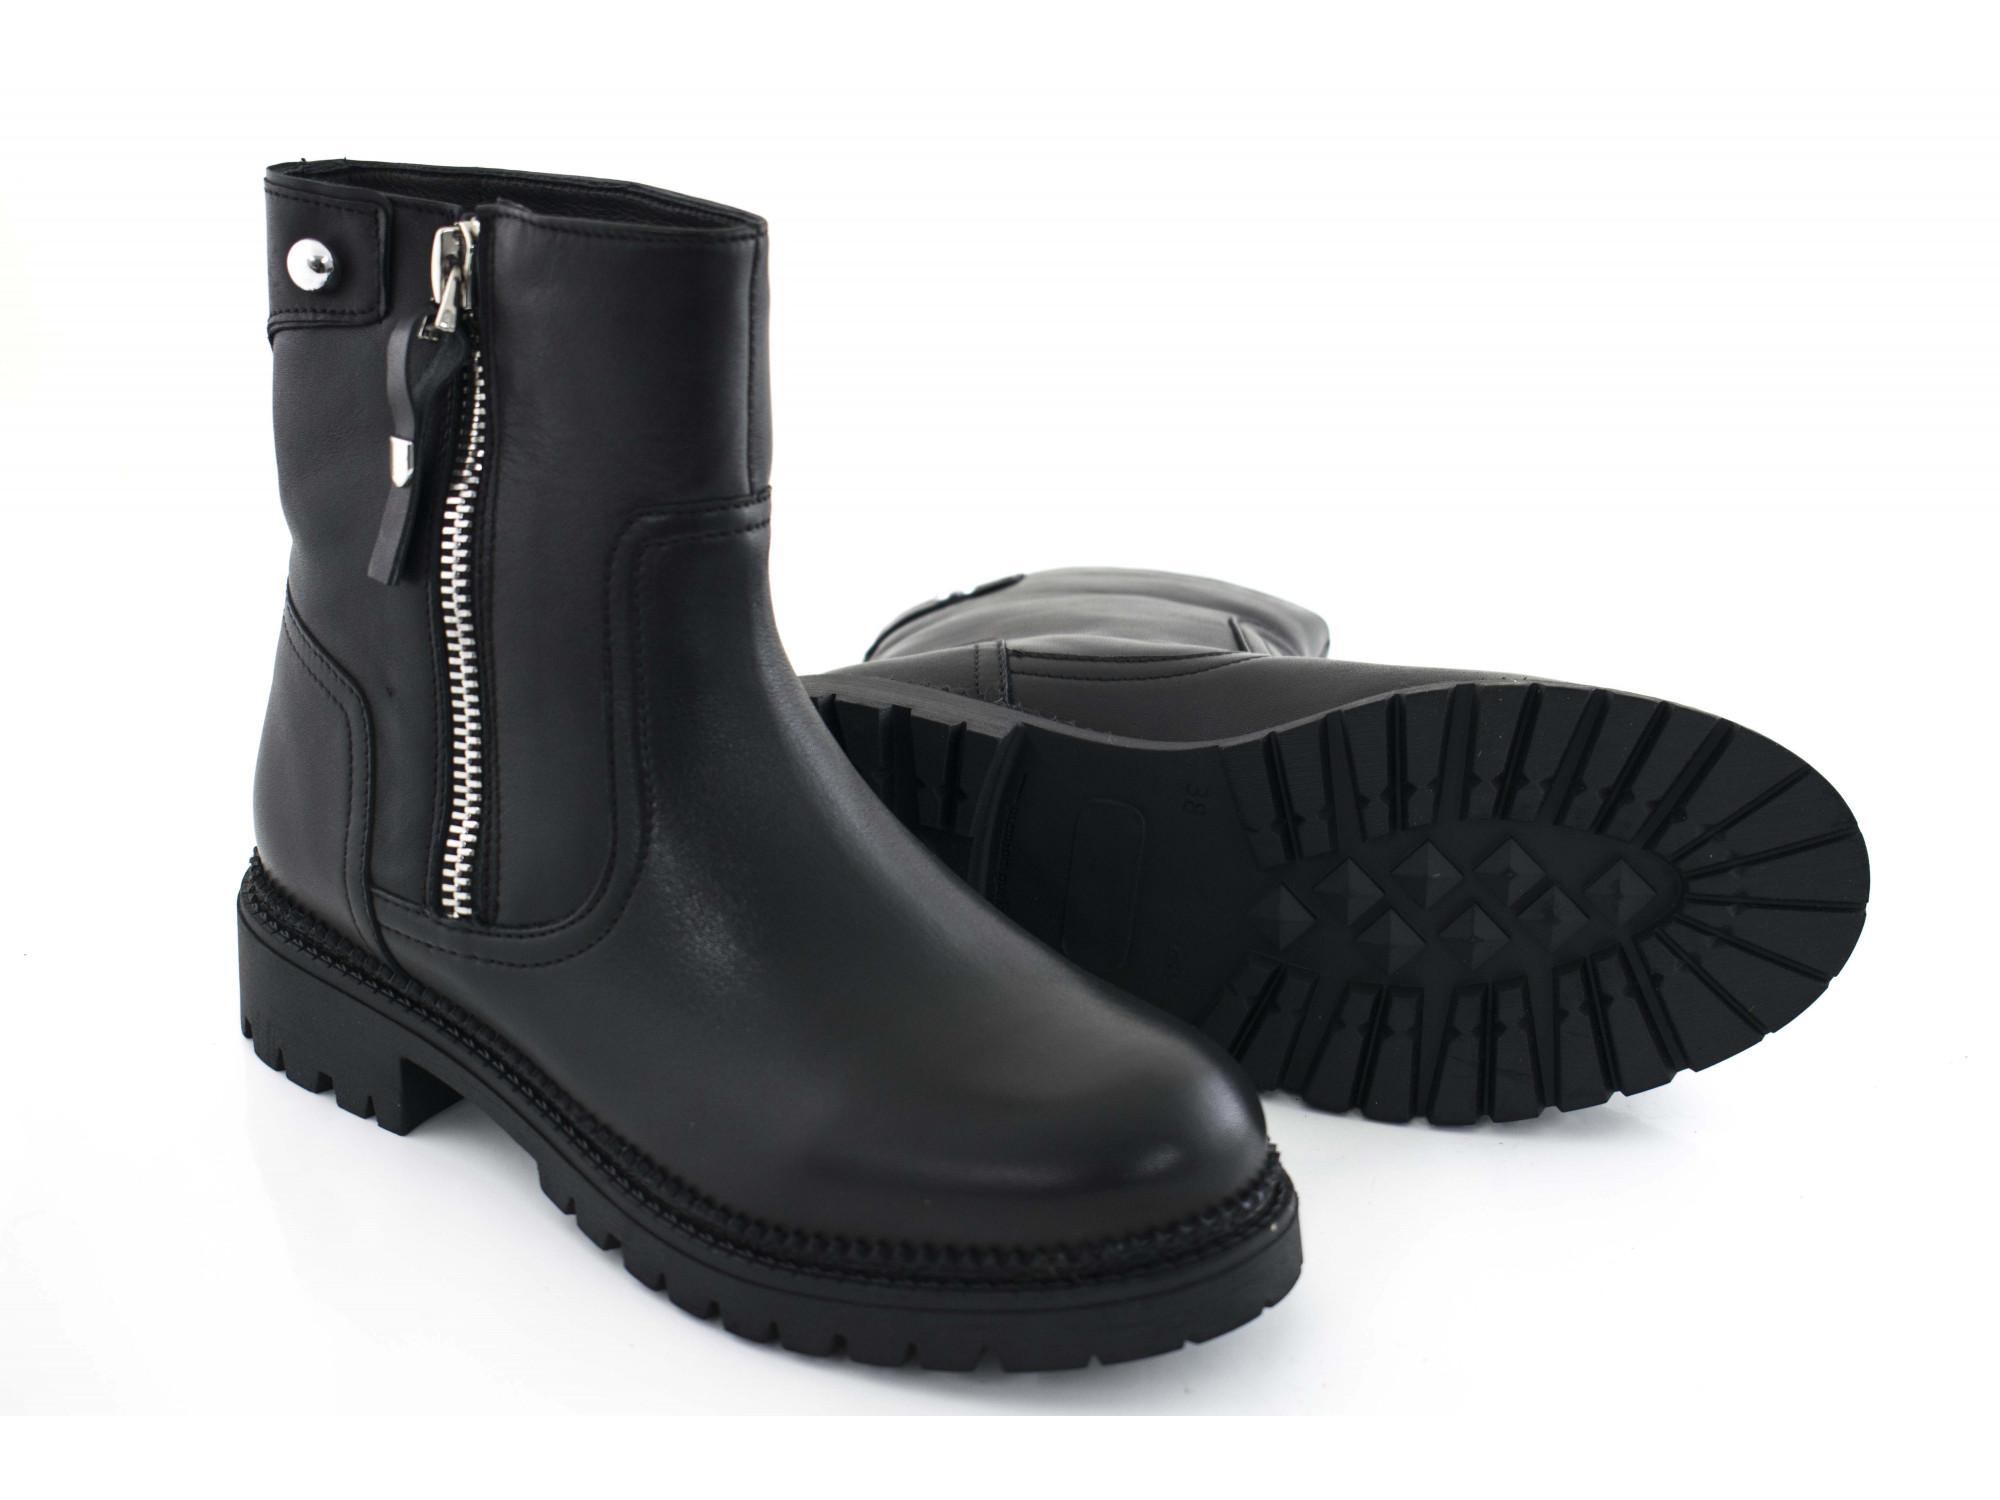 Ботинки Kadar 00-0824412-Ш